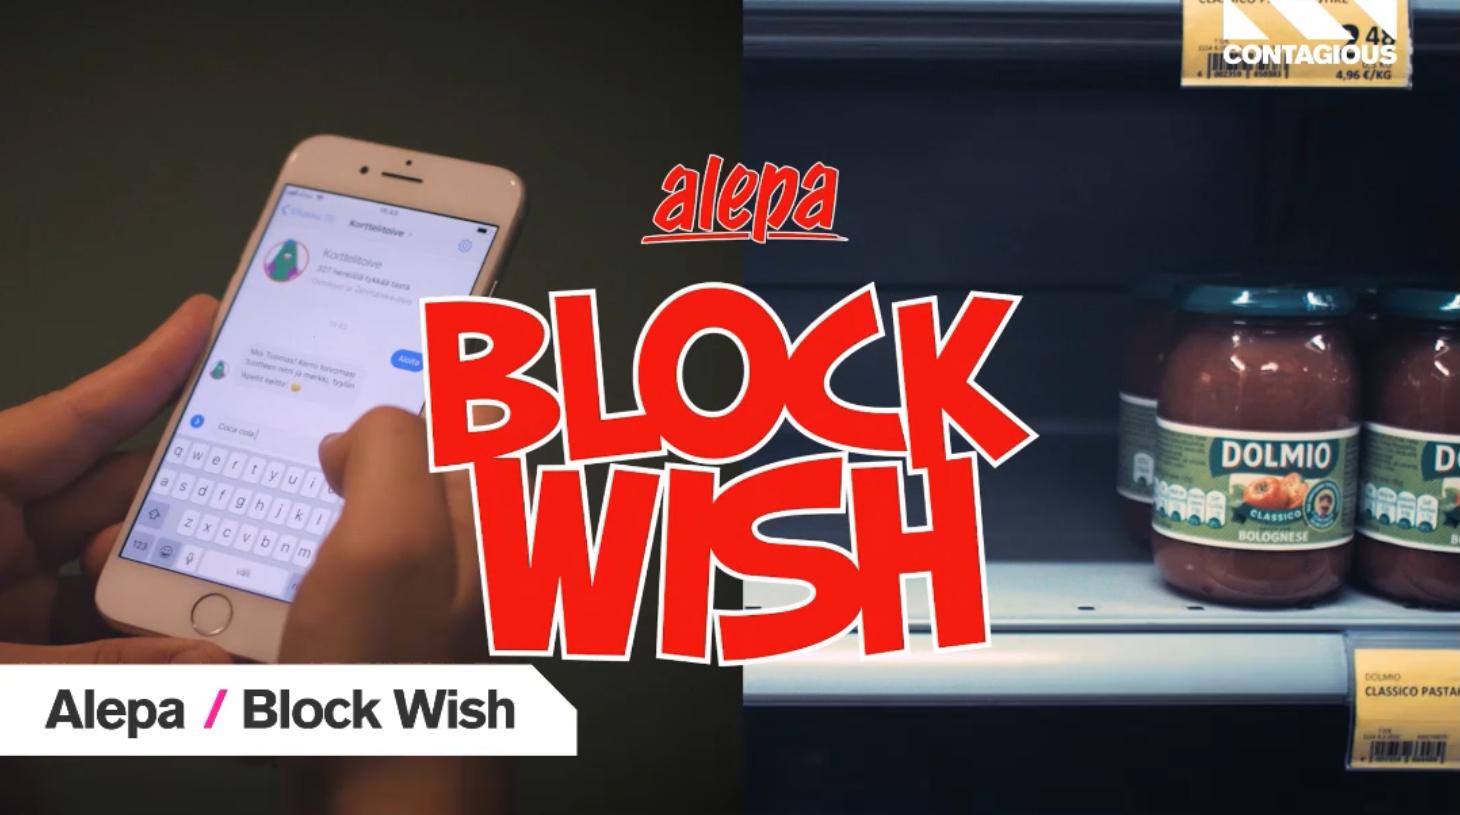 Audiense blog - Block Wish